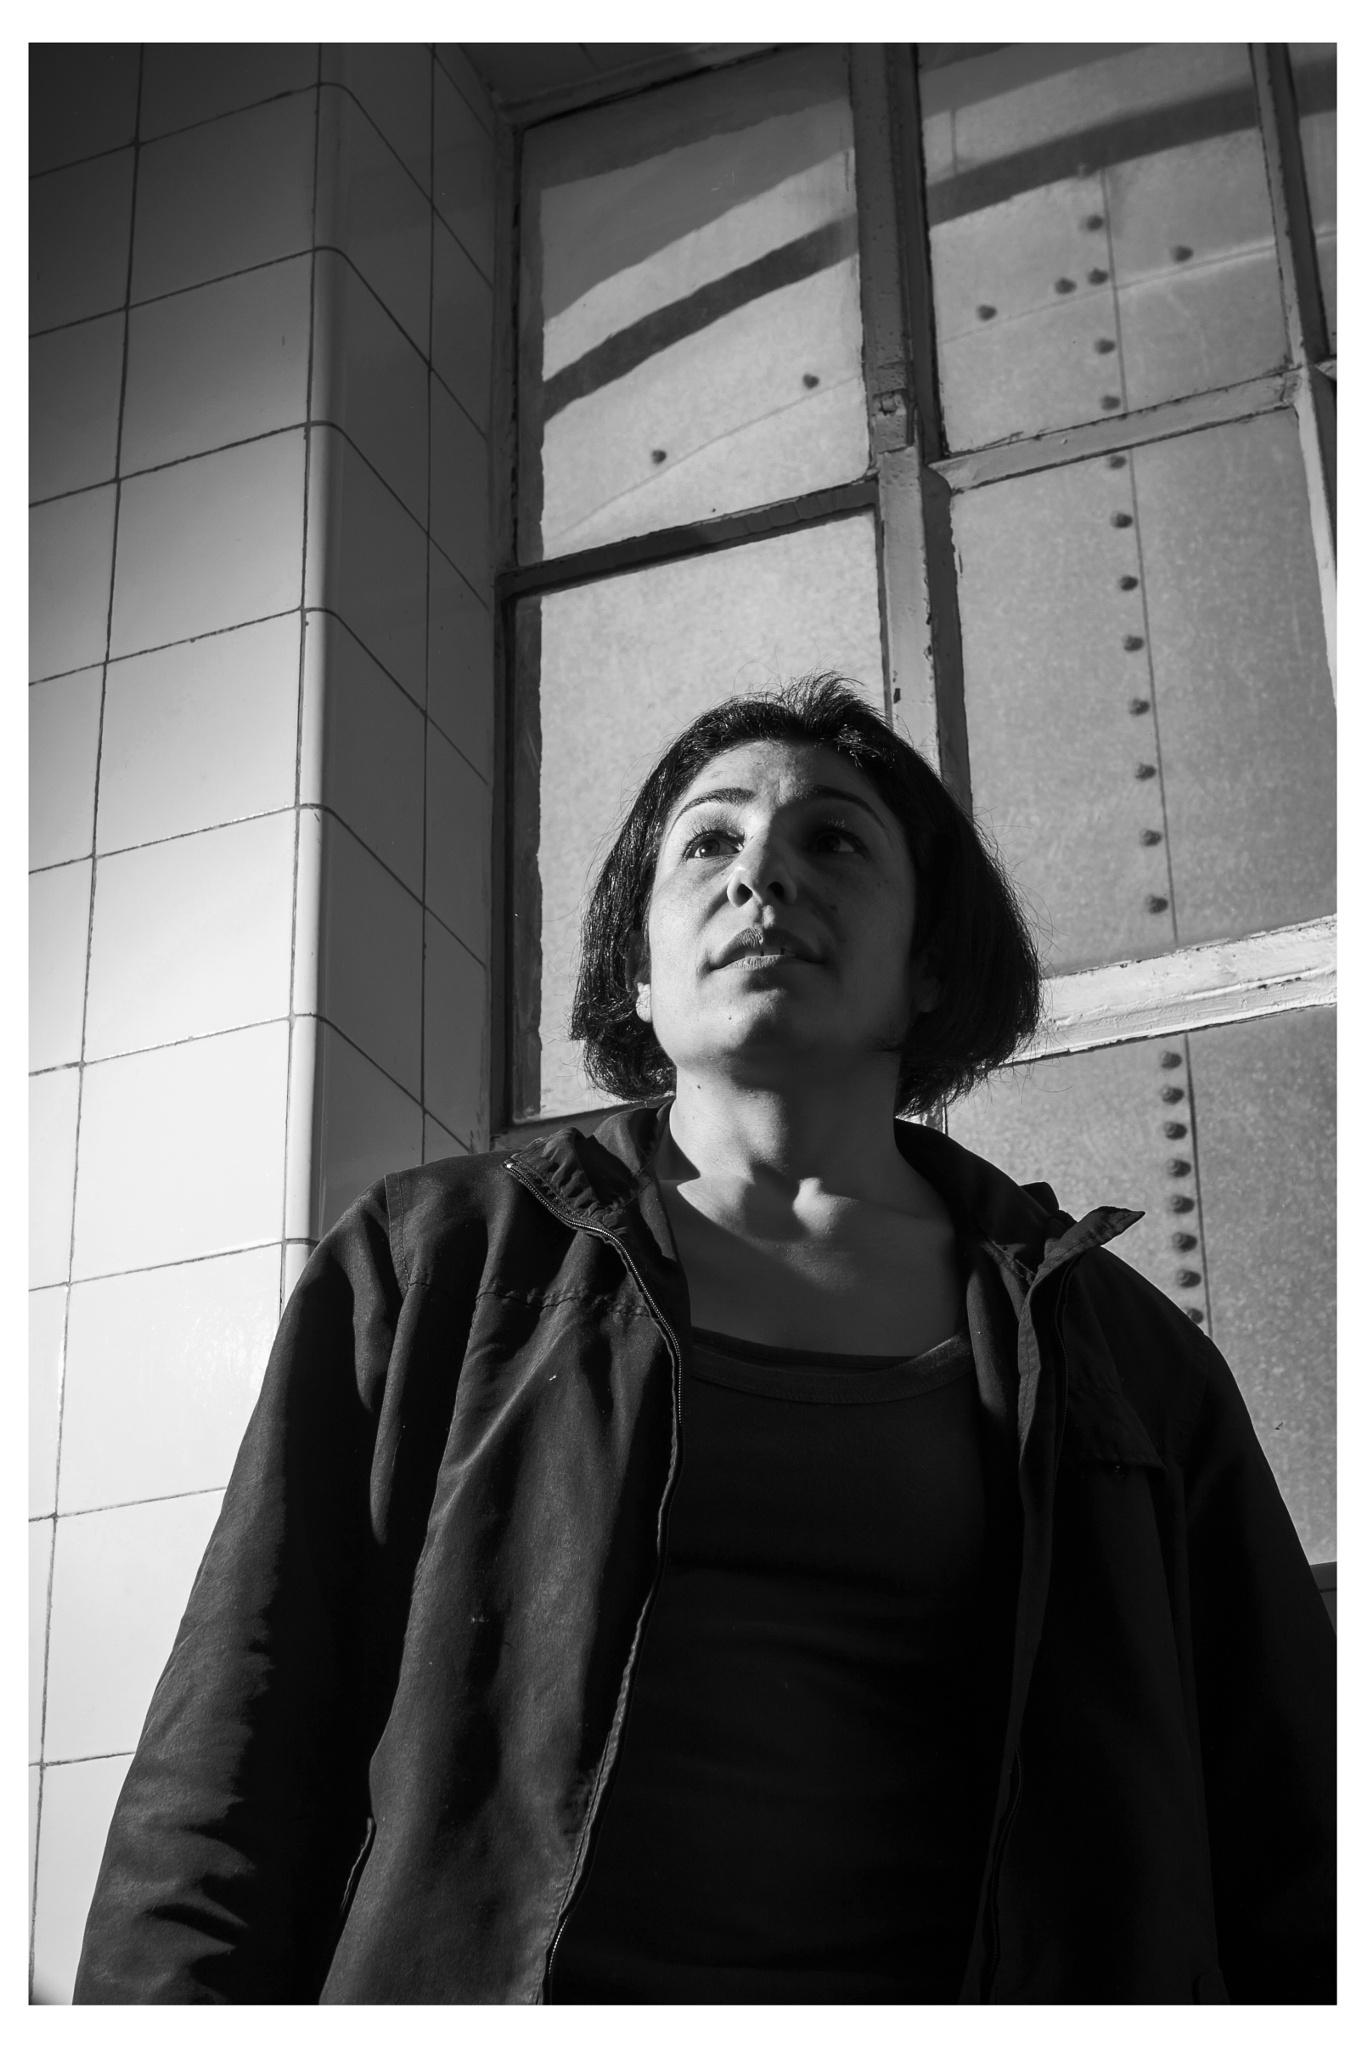 Portrait by Jeff Hubbard